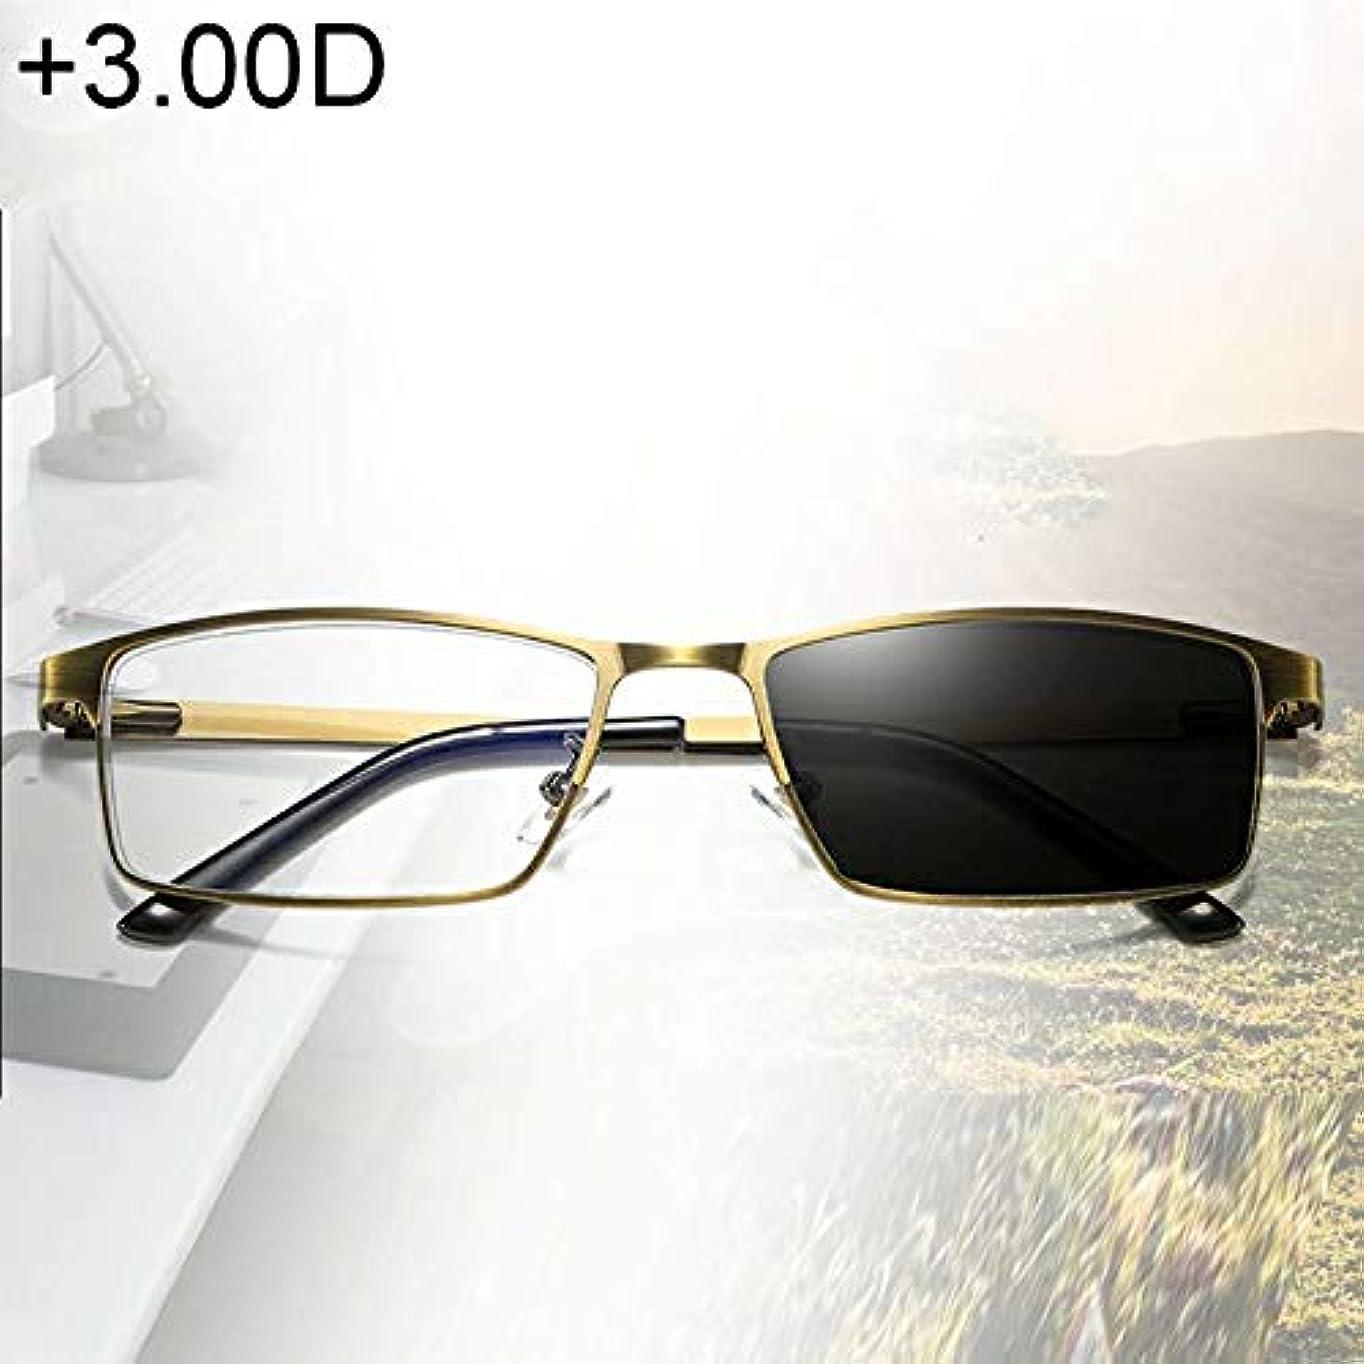 挨拶する噴出する側面XIEWEI 兼用フォトクロミック老視メガネ、+ 3.00D(ゴールド)YANG (色 : Gold)